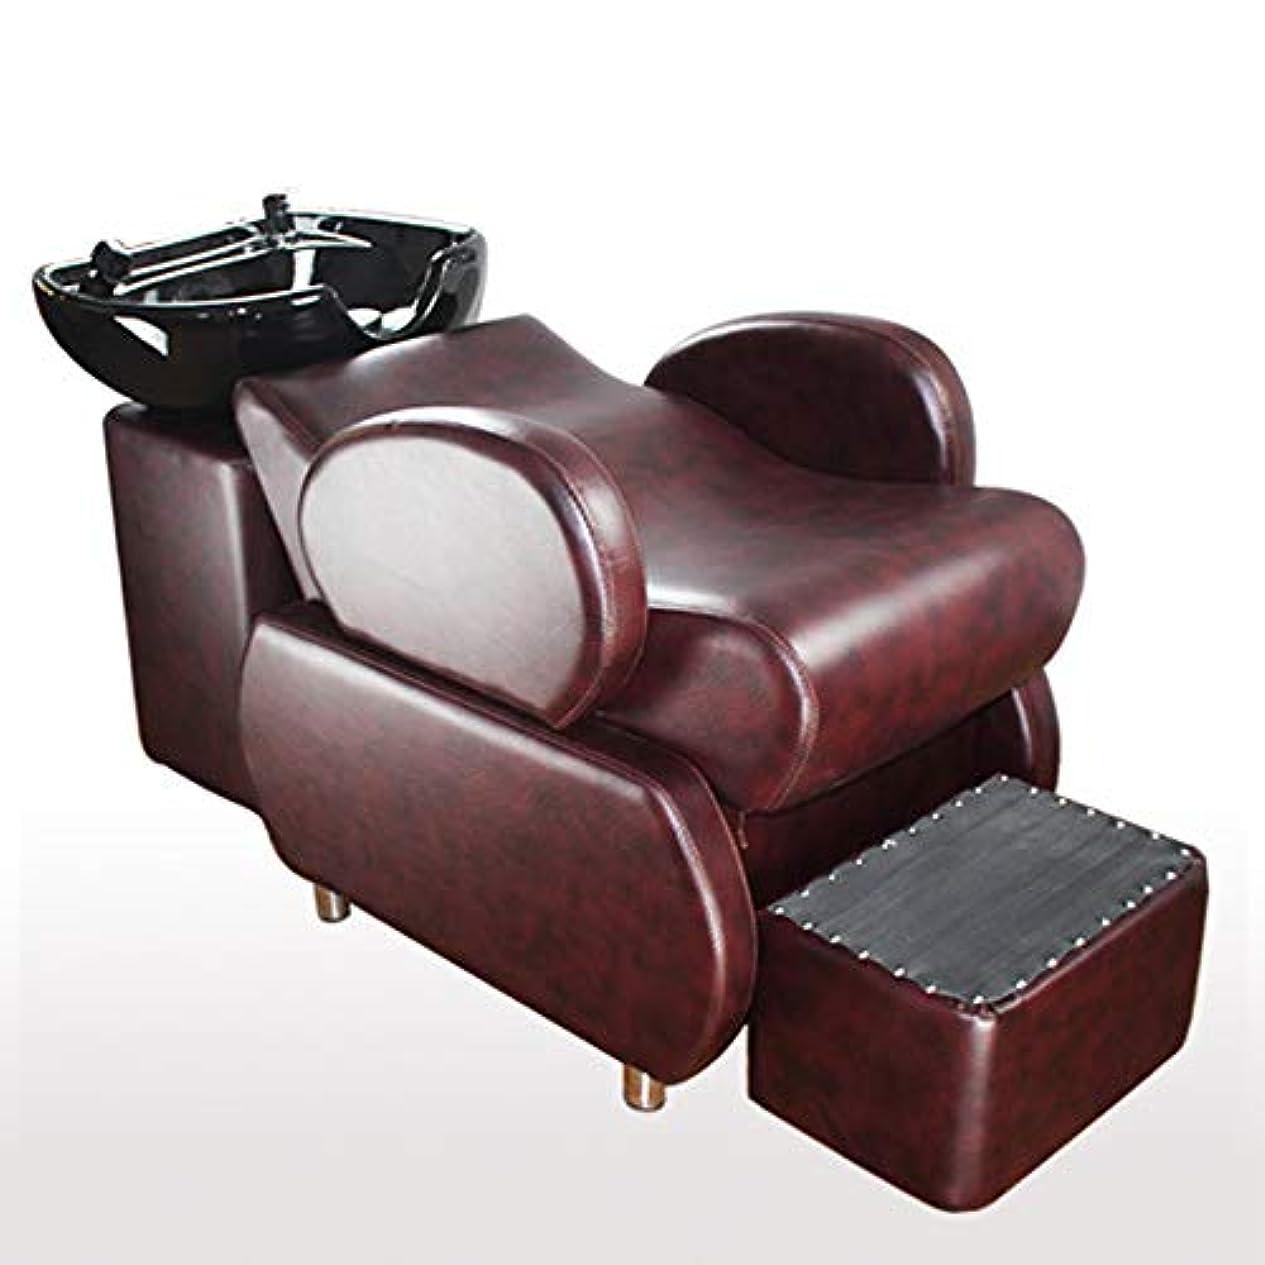 くしゃくしゃアンソロジー拘束するシャンプー椅子、逆洗ユニットシャンプーボウル理髪シンク椅子半横たわっているシャンプーベッドスパ美容院機器